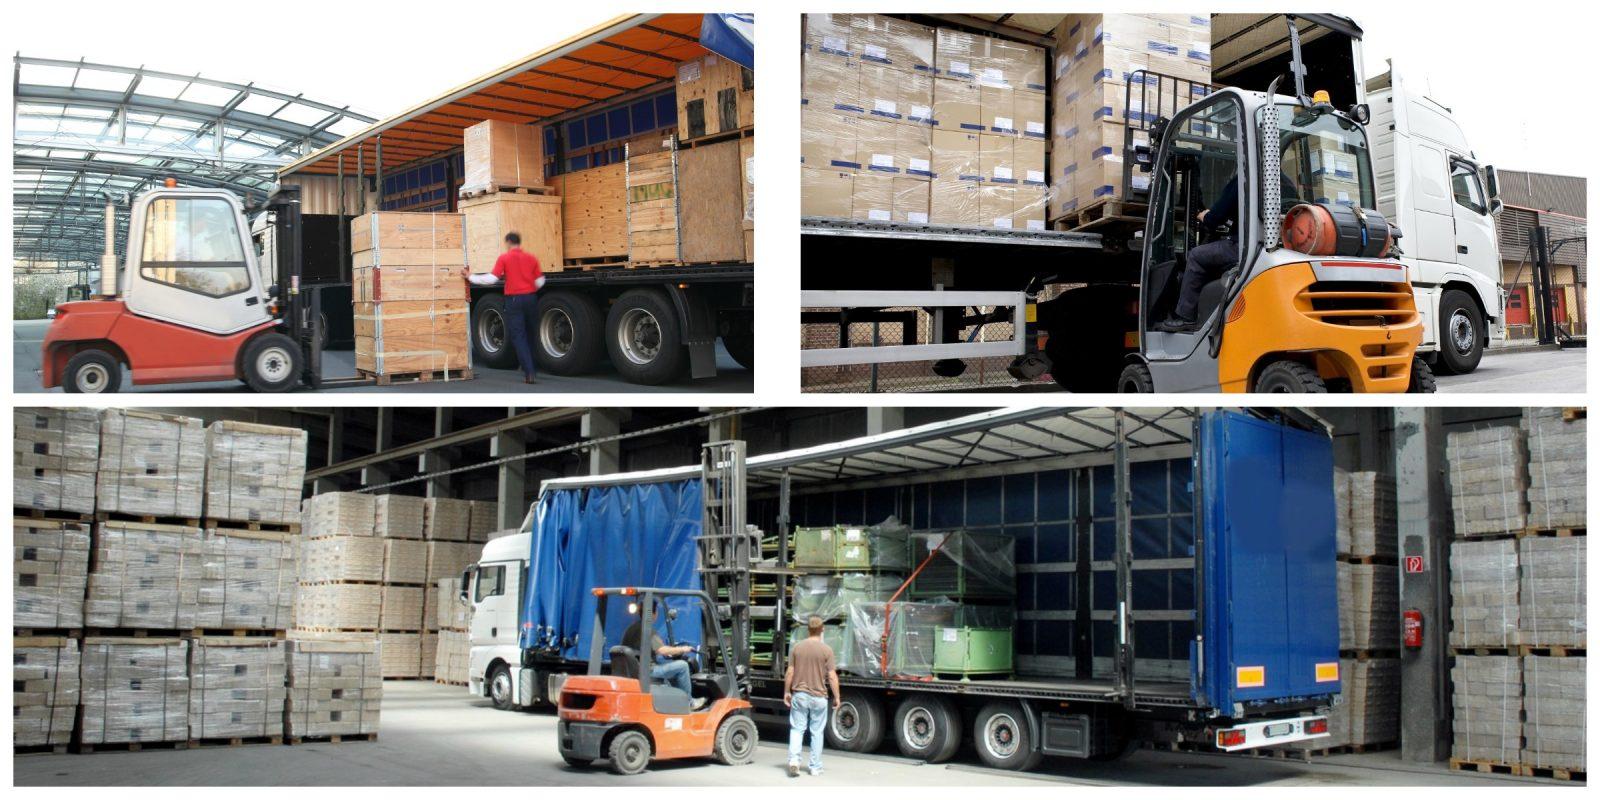 Zeytinburnu Bursa nakliyat ambarı hizmetimiz ile eşya ve yüklerinizi ambar araçlarımız ile Bursa'ya taşıyoruz.